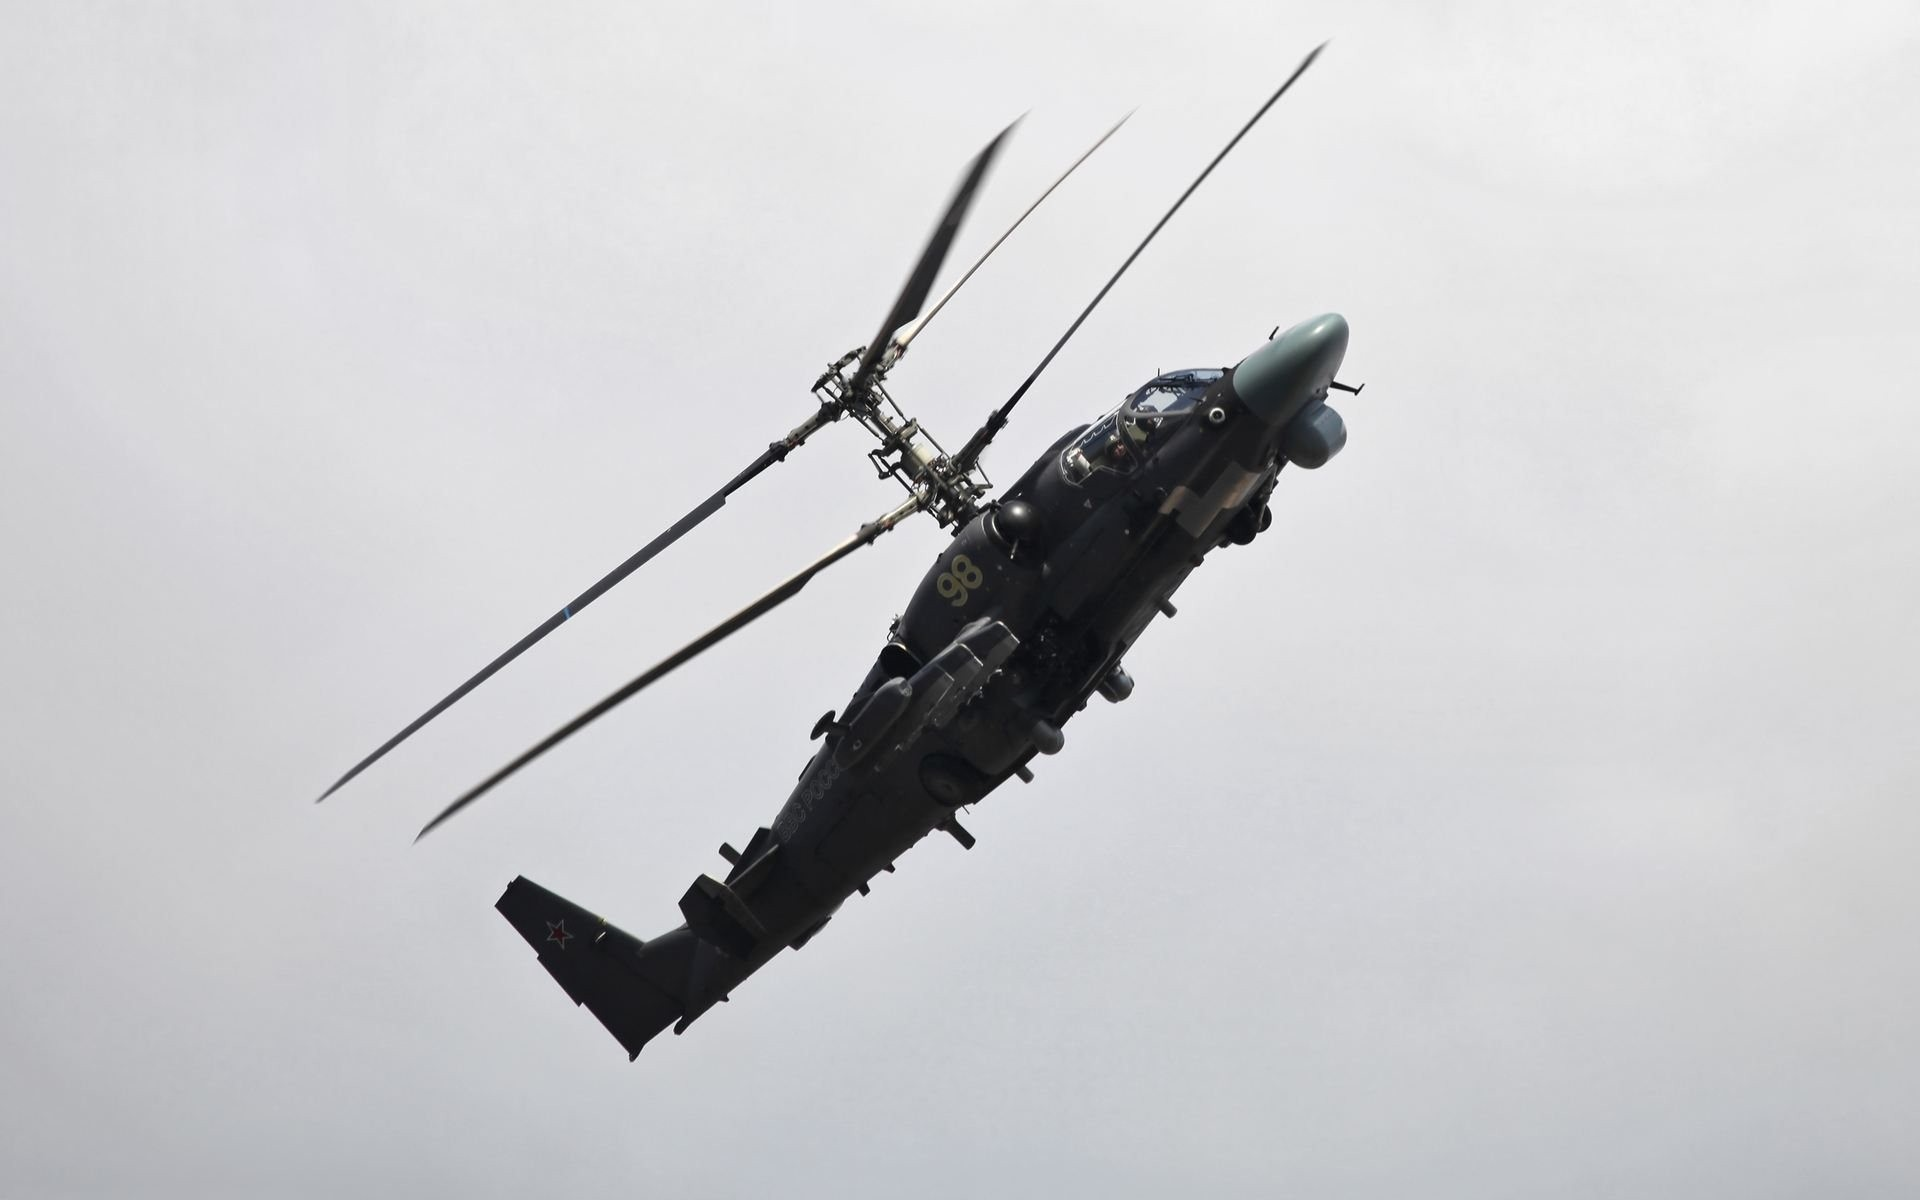 Helicóptero de doble hélice - 1920x1200